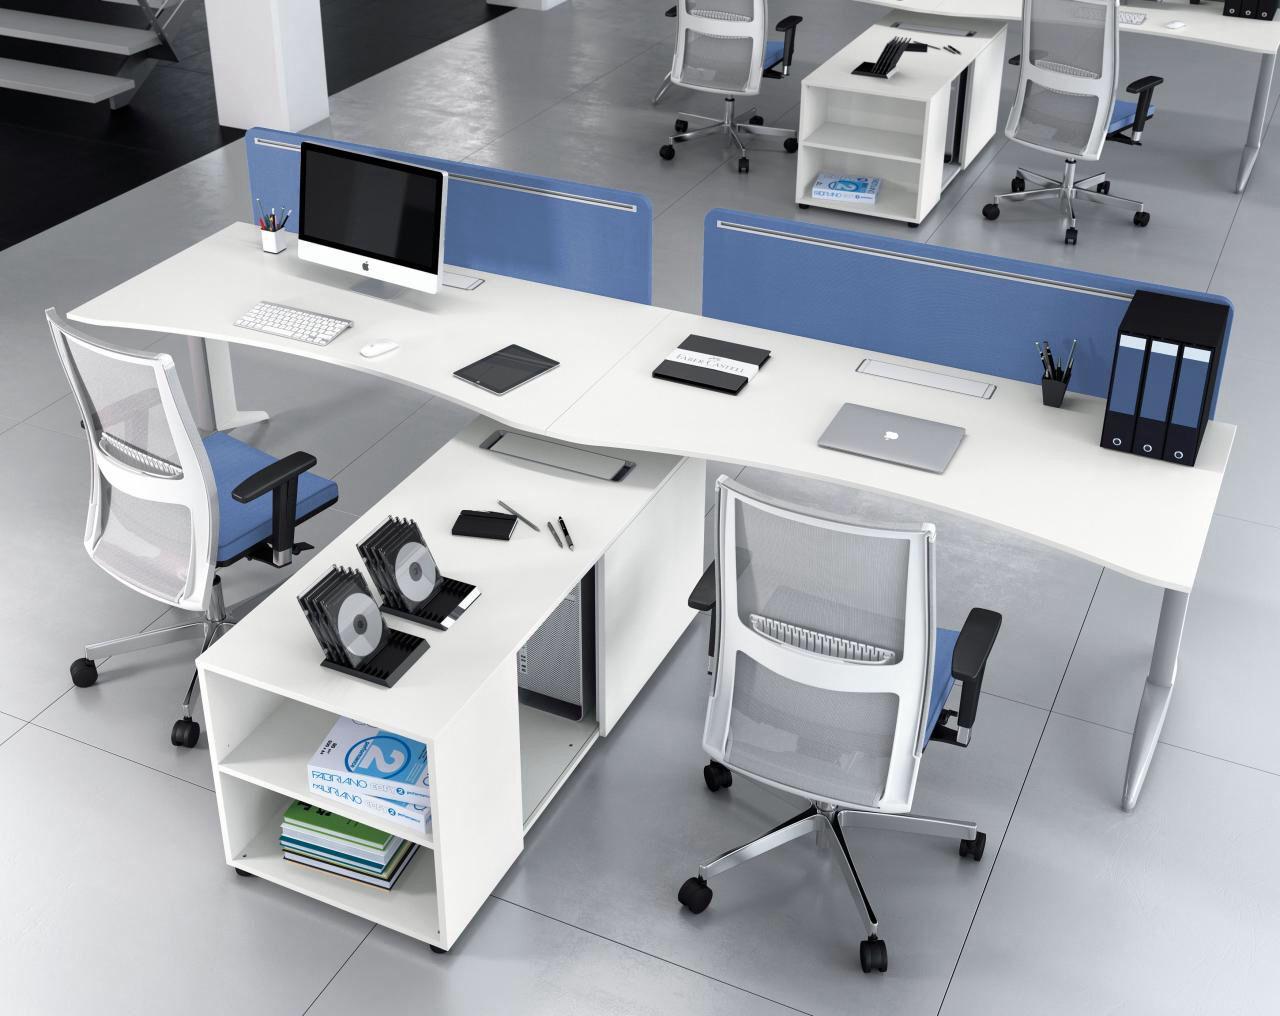 Scrivania Ufficio Doppia : Comp fid composiz doppia postazione per ufficio operativo